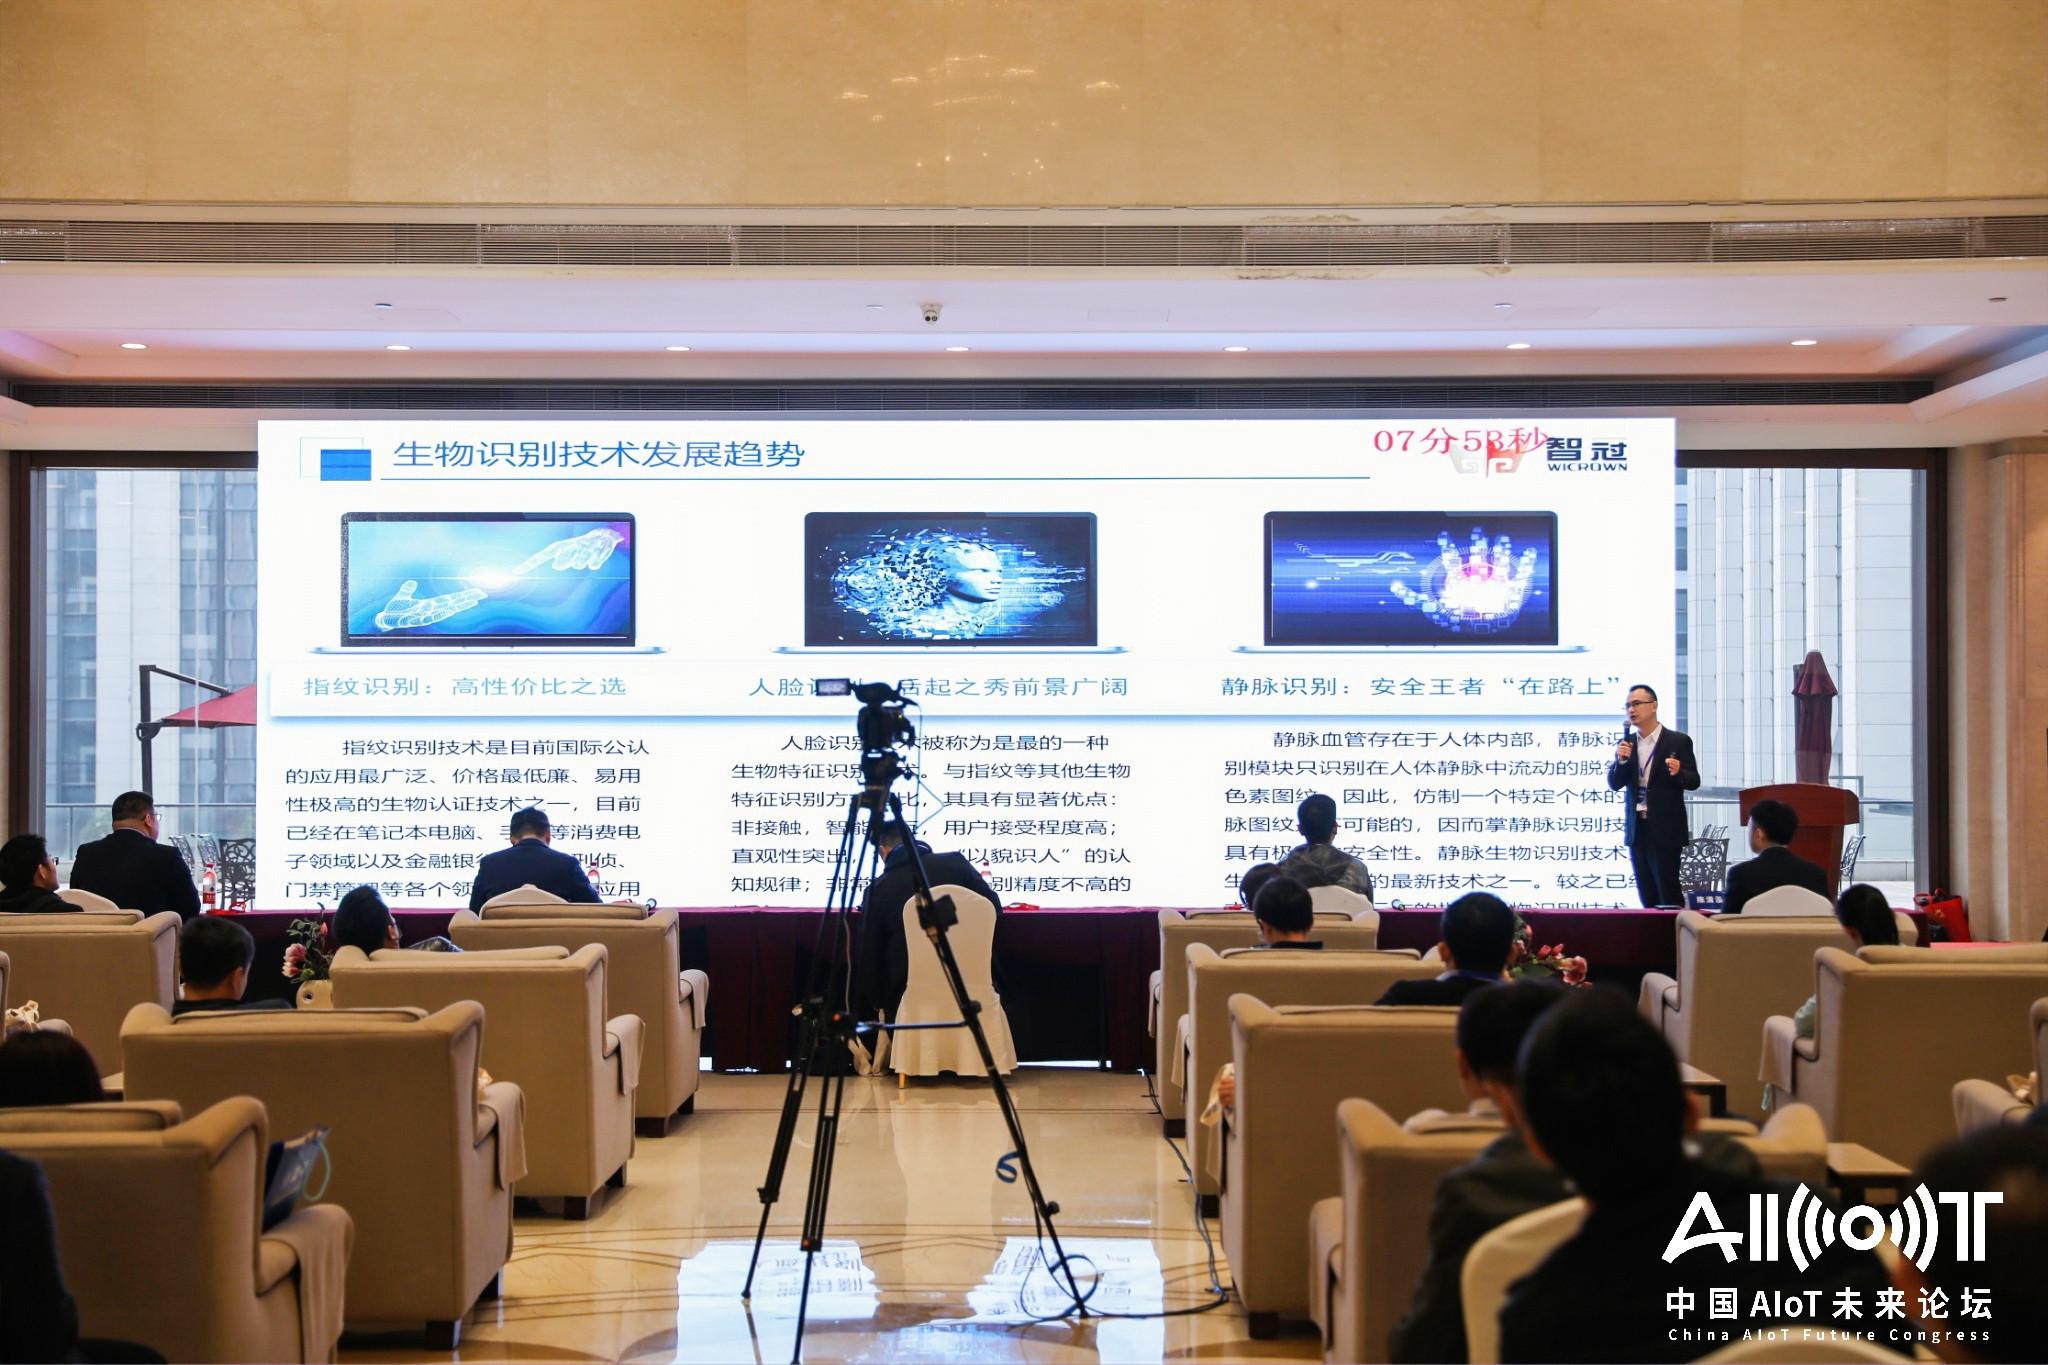 2020中国首席技术官大会暨中国AIoT未来论坛-8